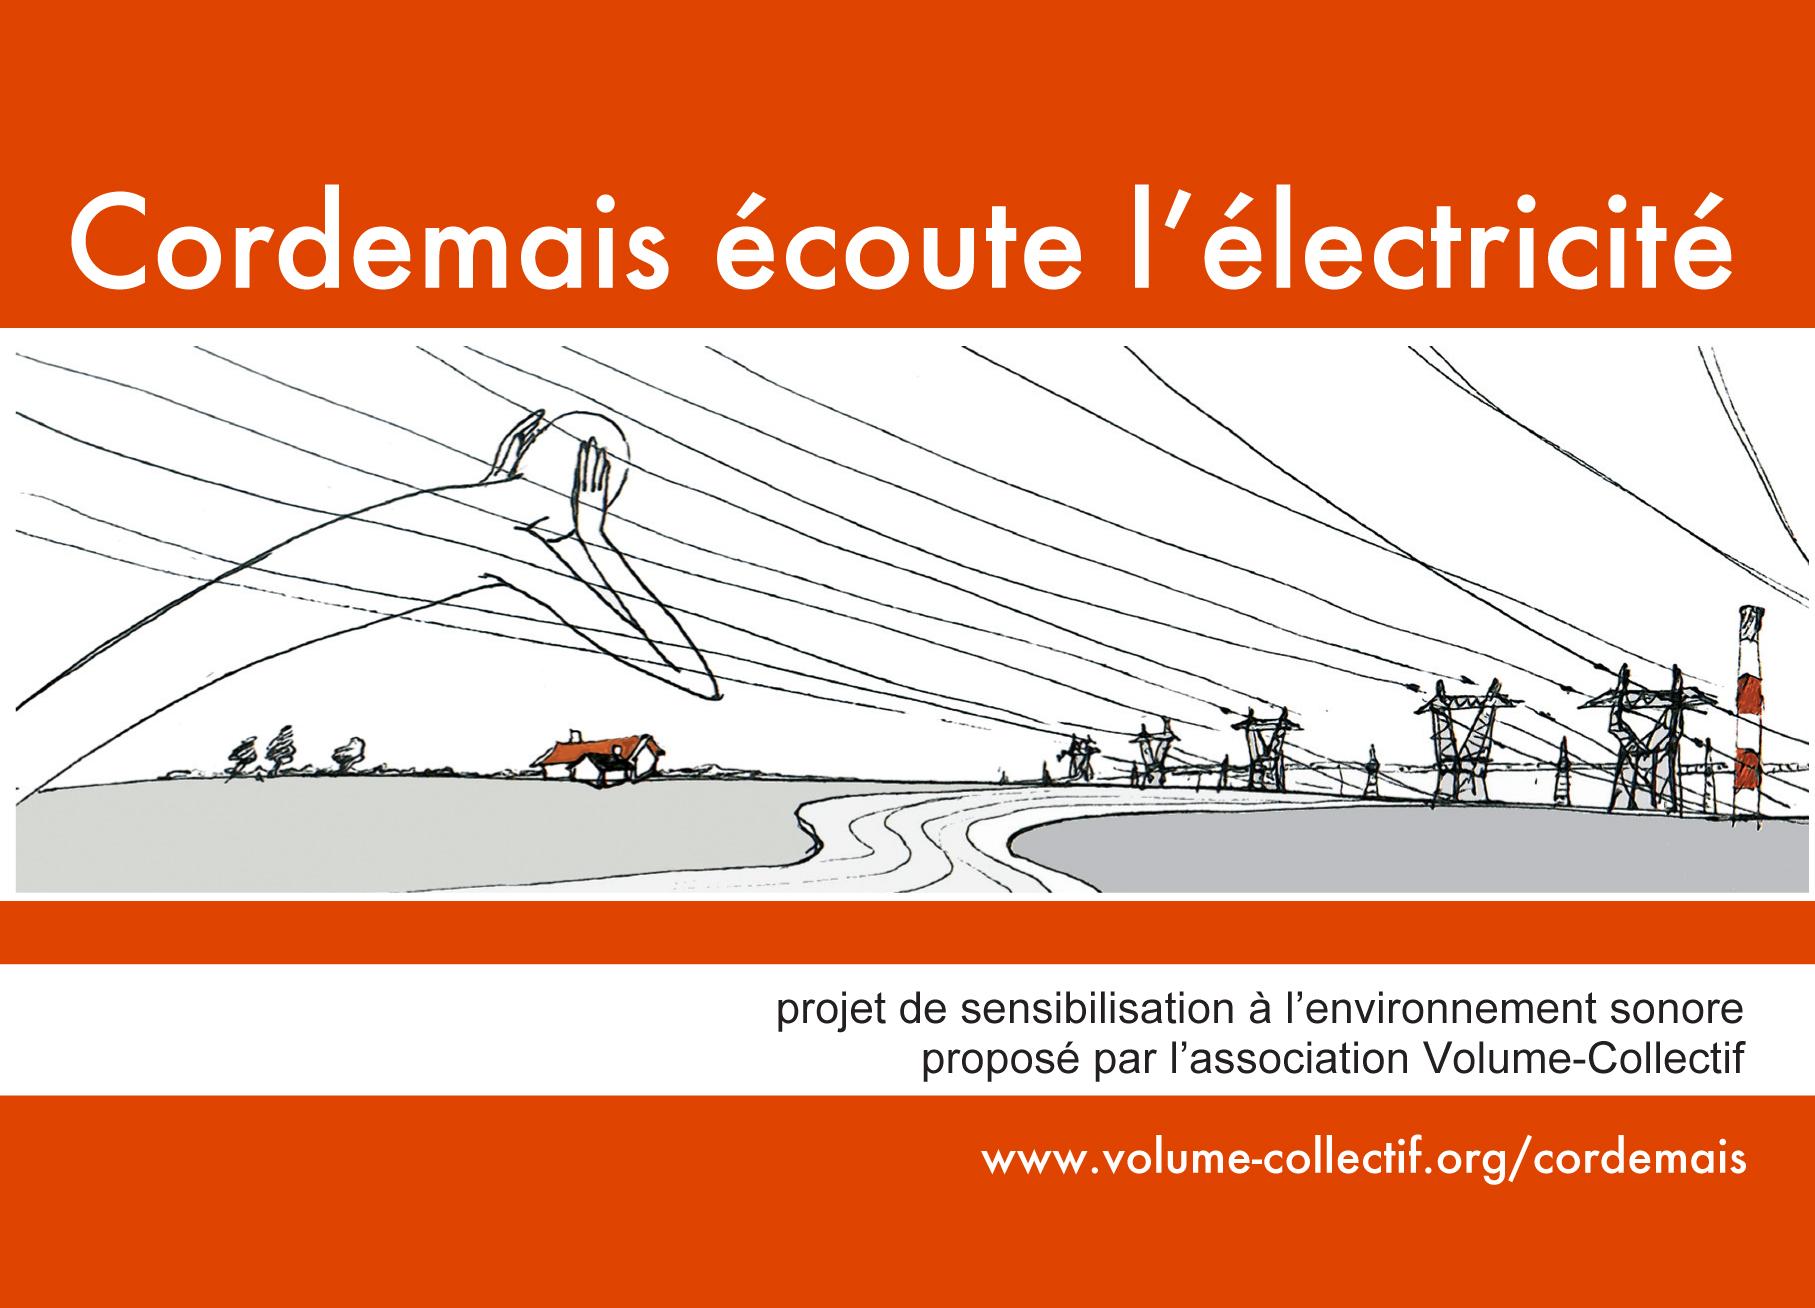 postale_cordemais-1